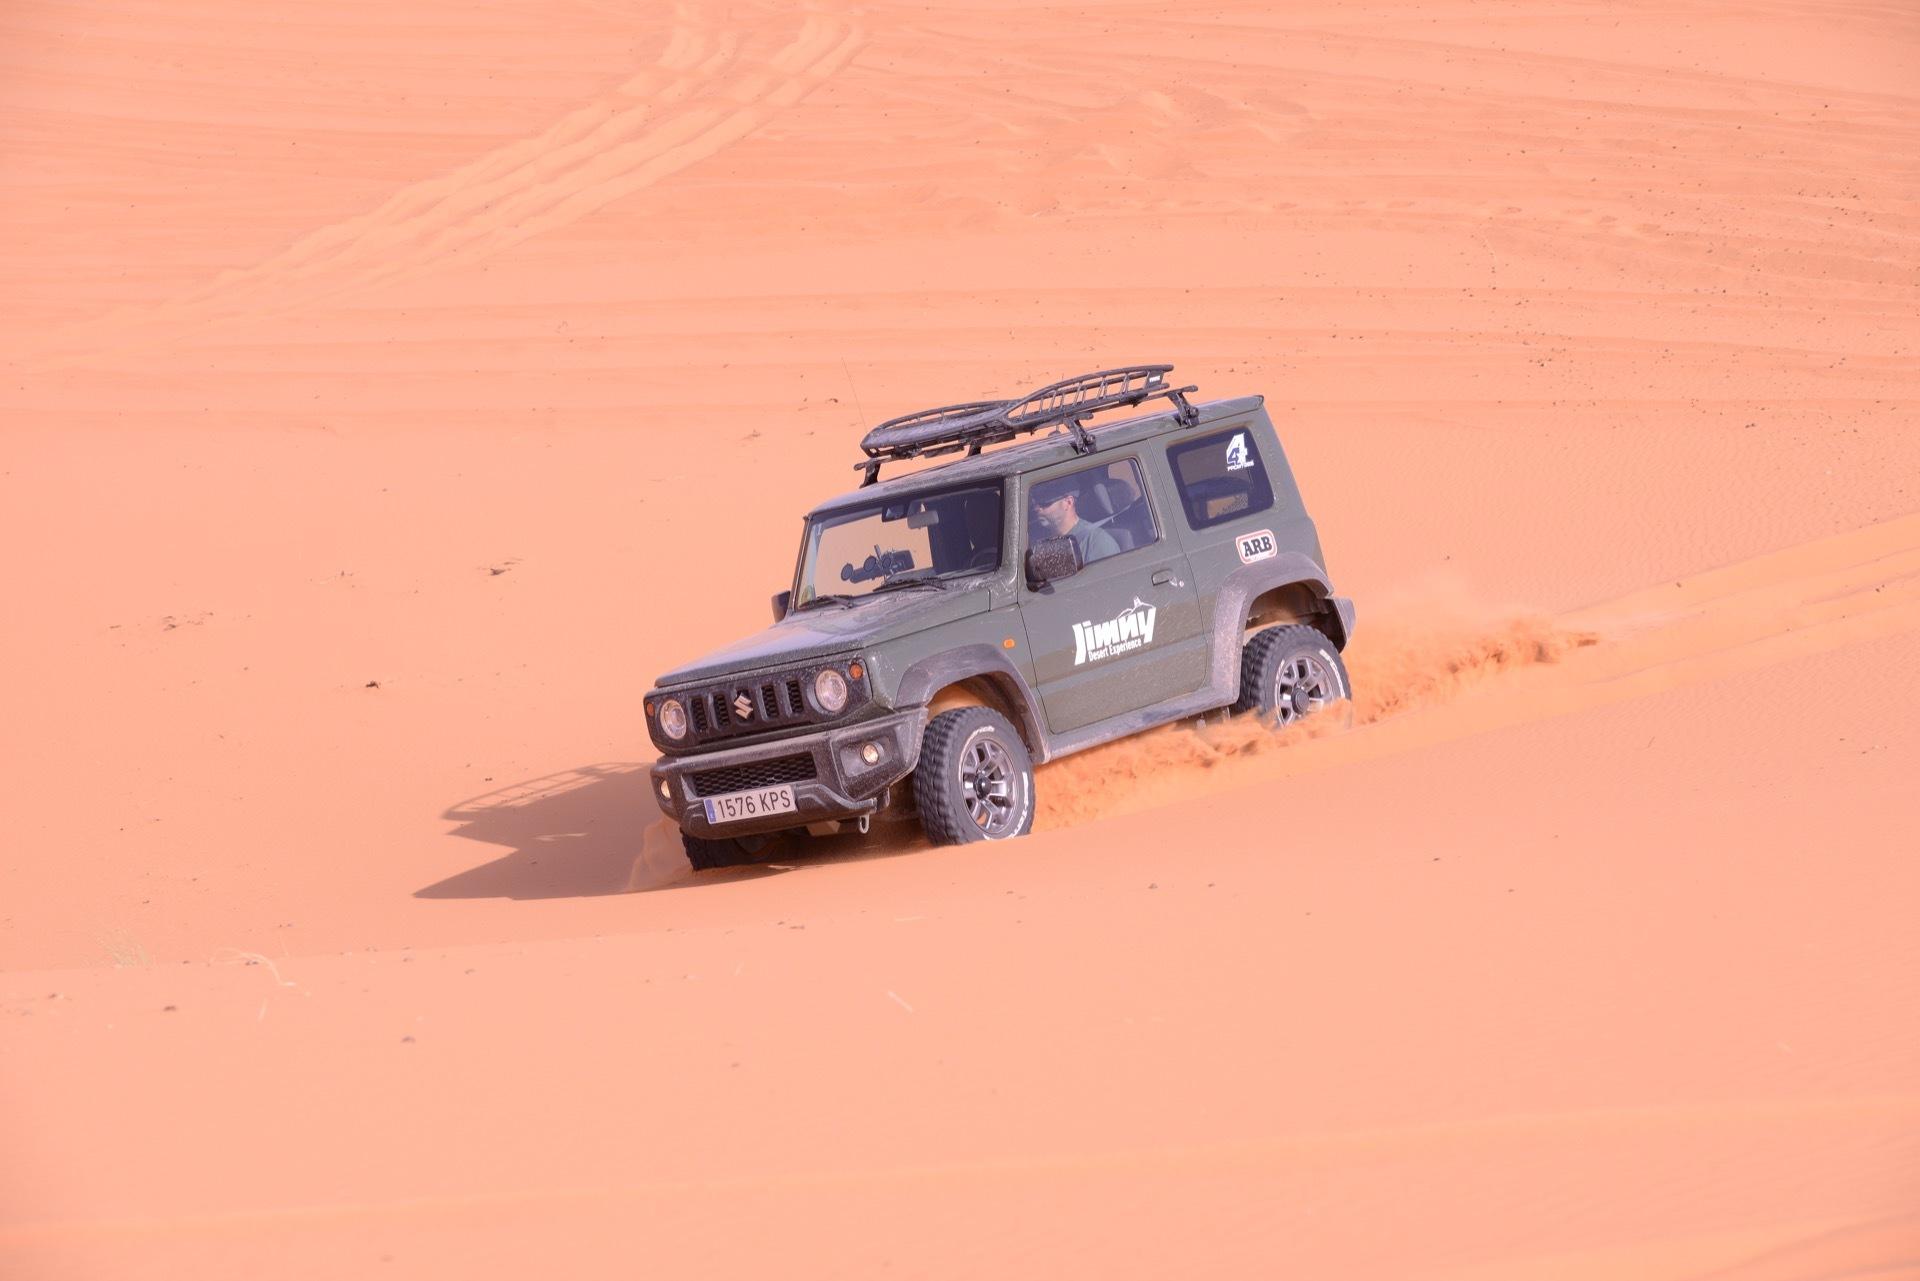 Suzuki Jimny Desert Experience 2019 00180